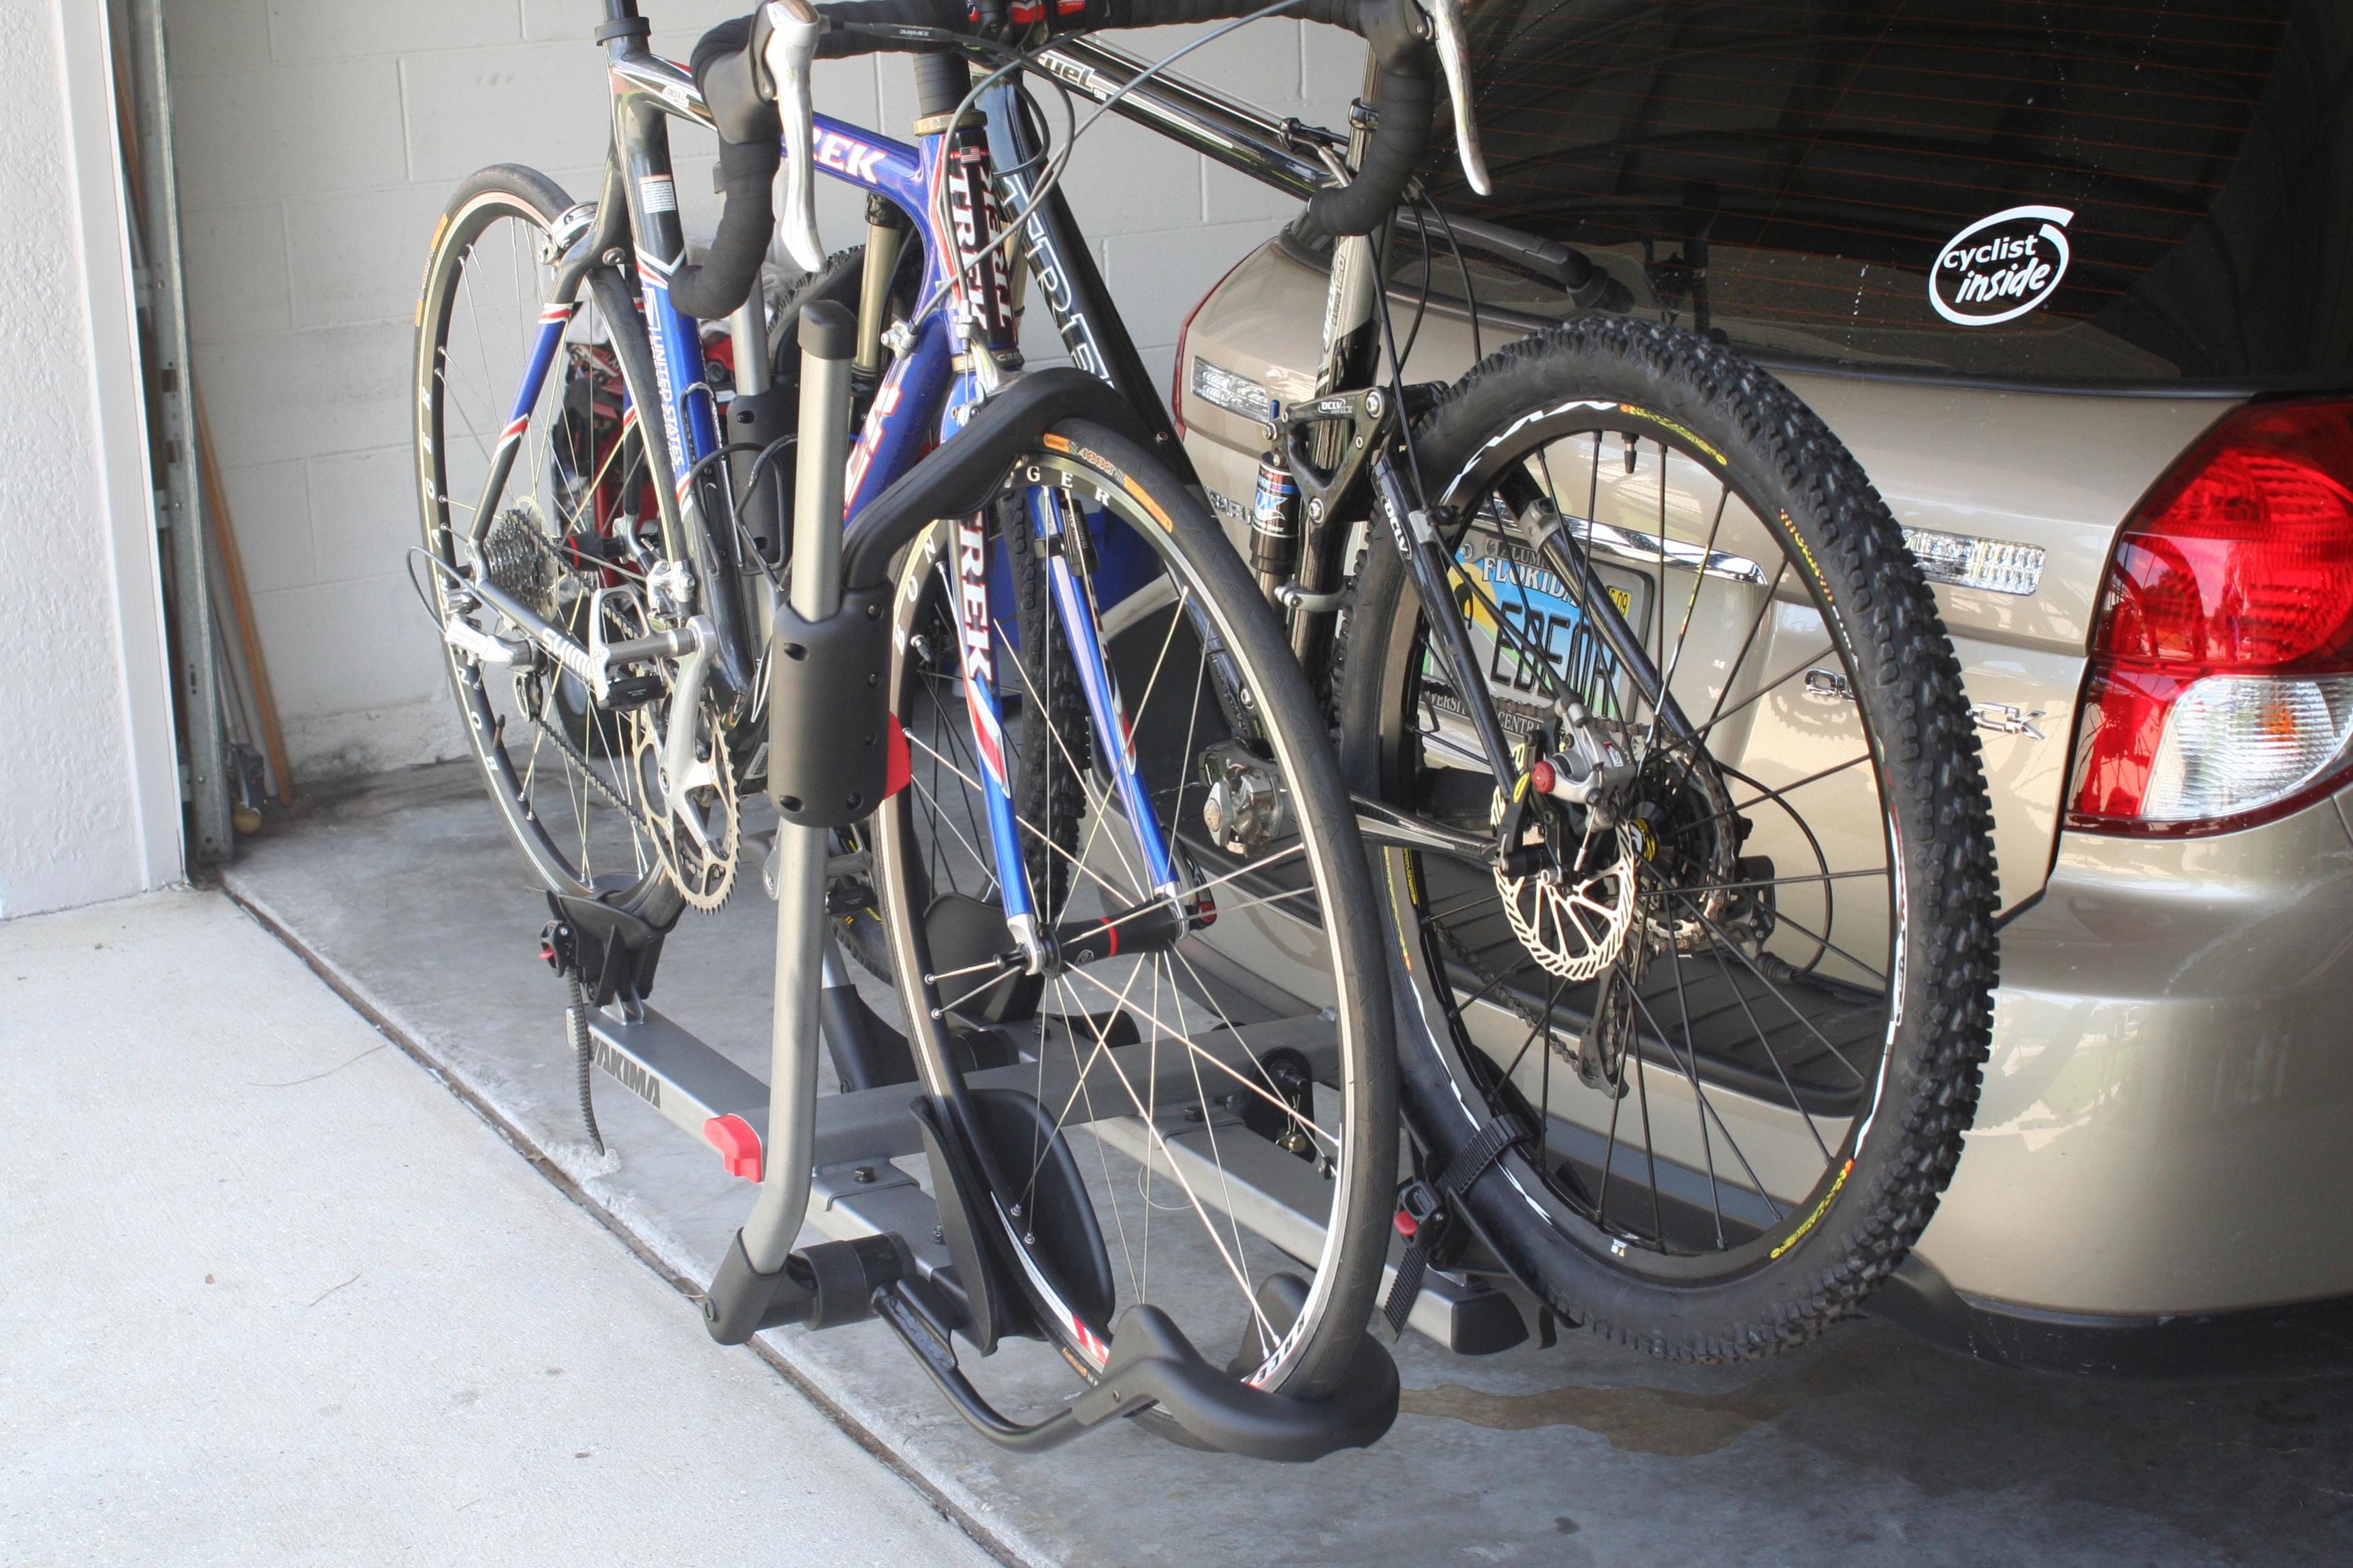 Need Bike Rack Advice Subaru Outback Subaru Outback Forums